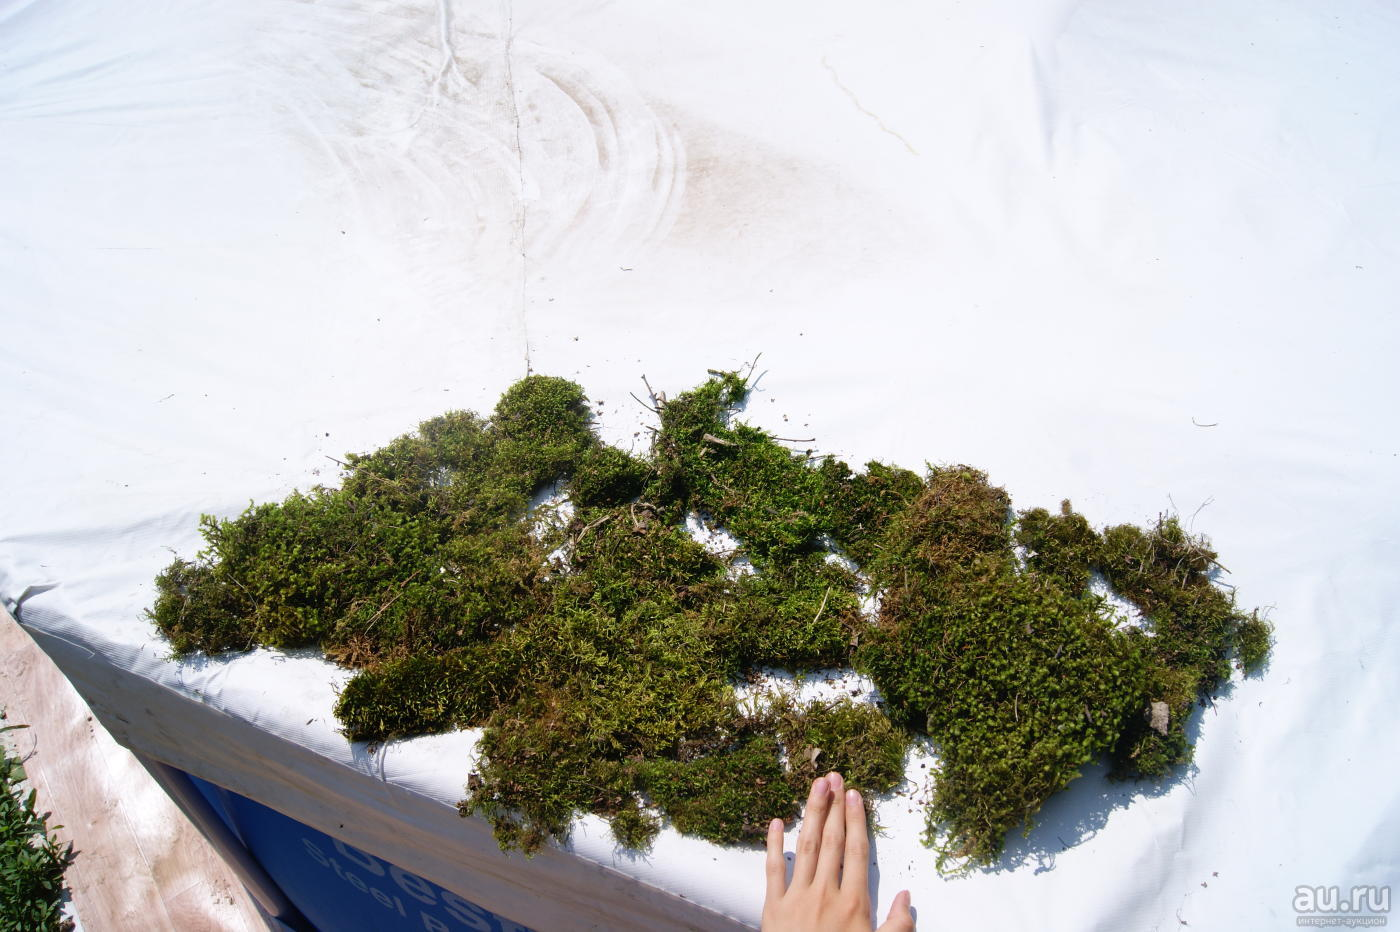 Как найти сфагнум в незнакомом лесу. записки следопыта.